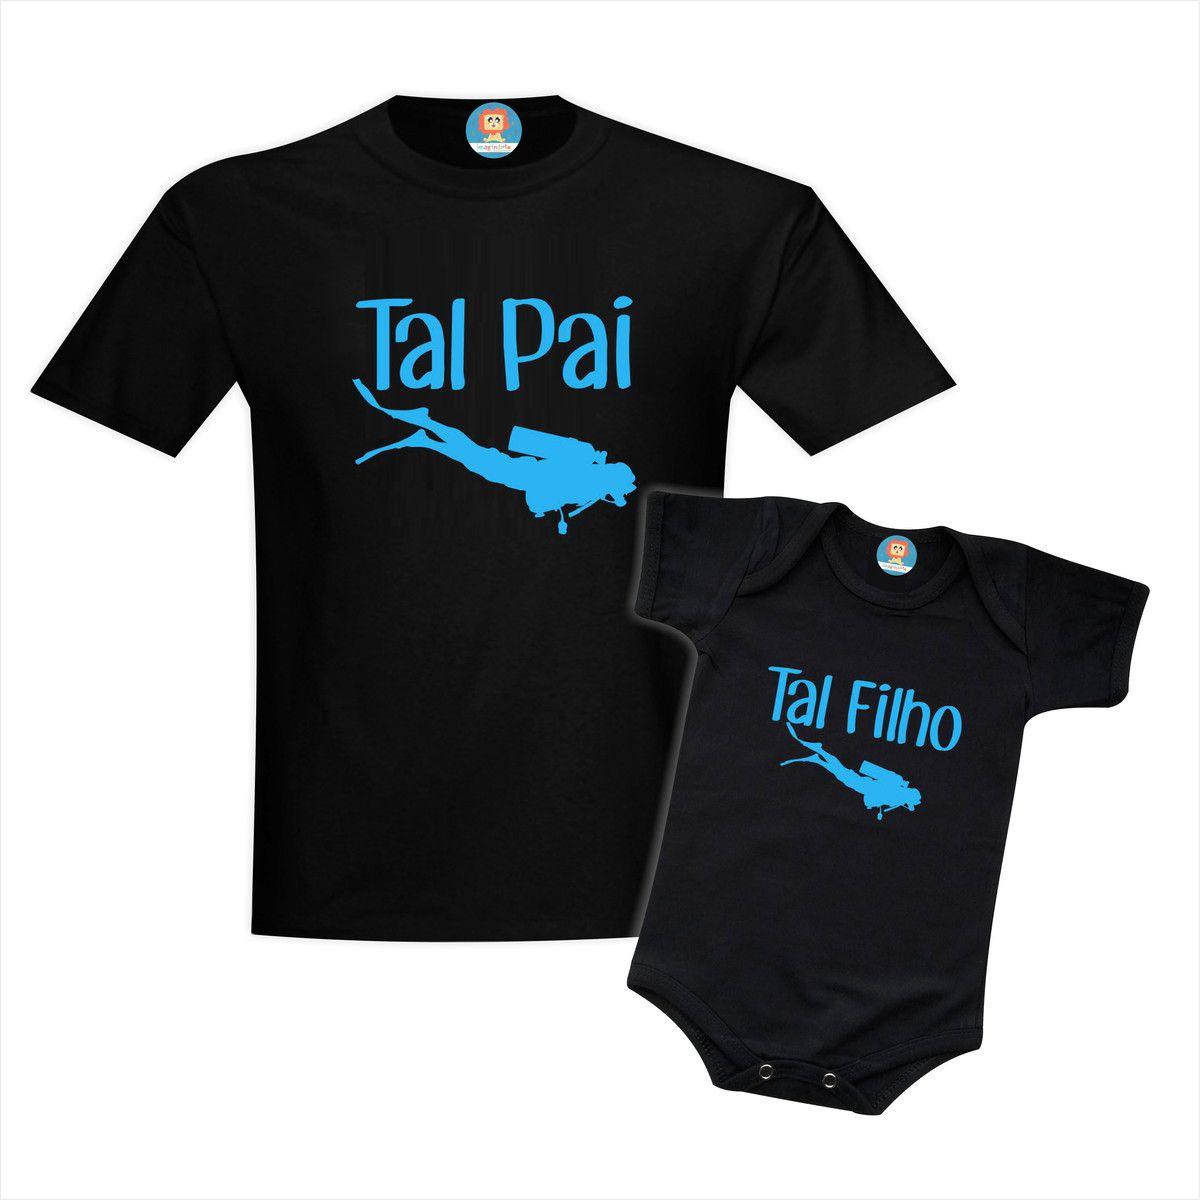 Kit Tal Pai Tal Filho Mergulhador